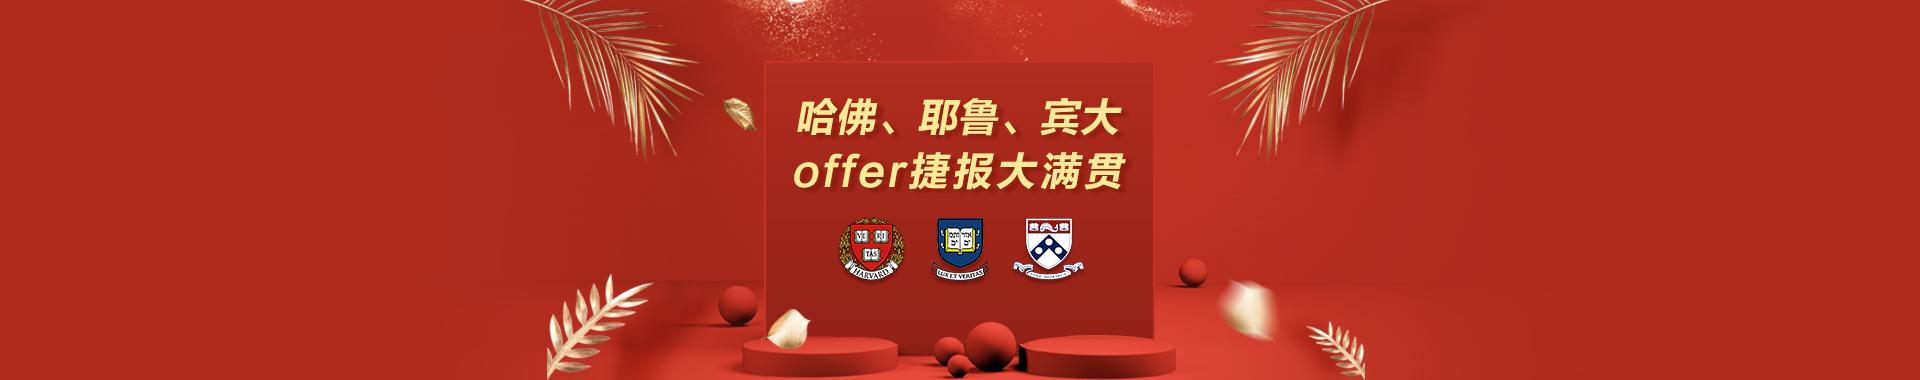 哈佛、耶鲁、宾大捷报频传,顺顺留学美本早申请大满贯!